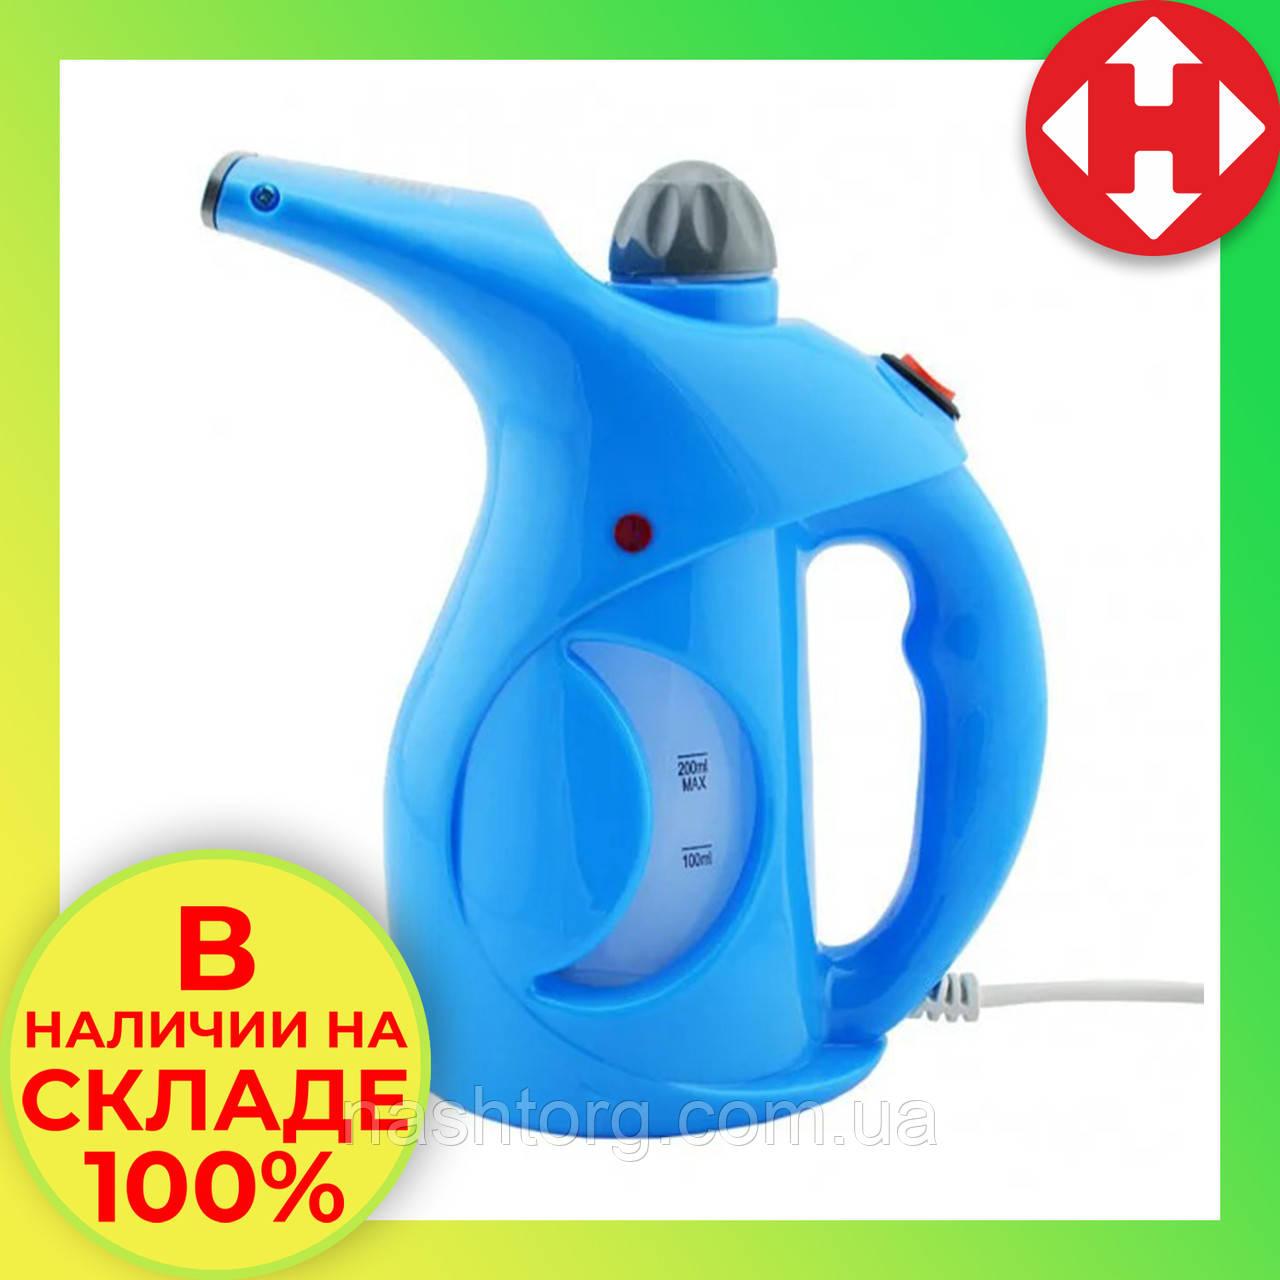 Распродажа! Ручной отпариватель для одежды и мебели Аврора A7 - Синий, с доставкой по Киеву и Украине